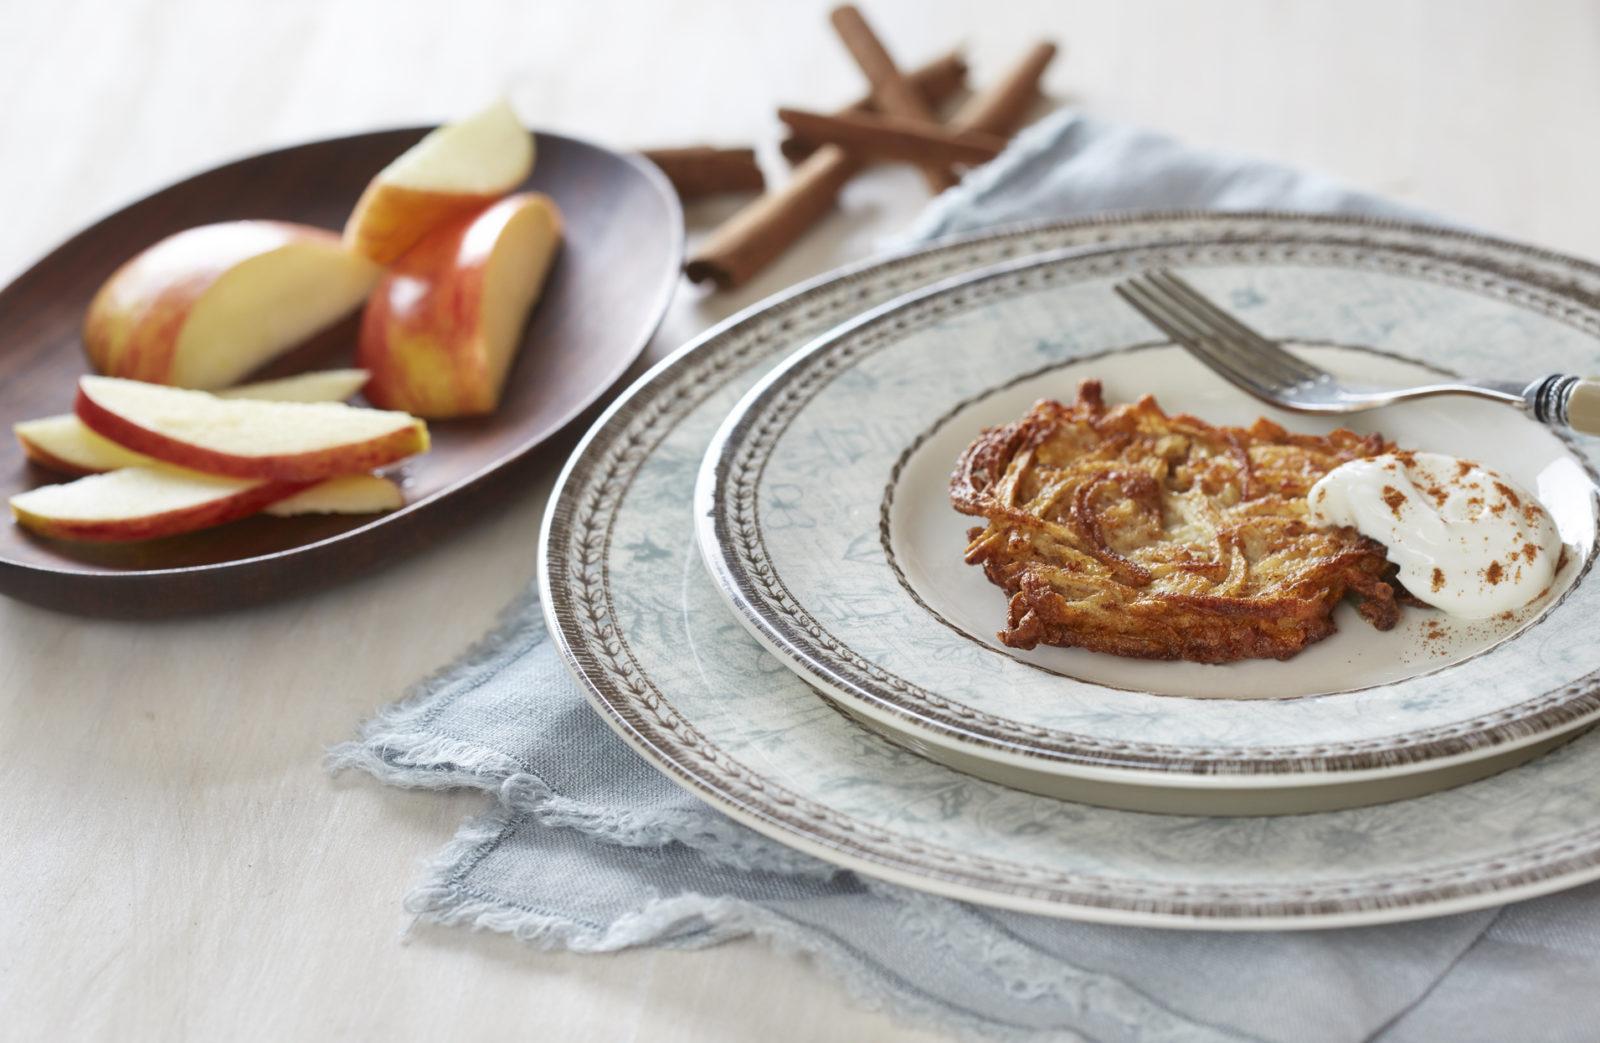 Apple-Cinnamon Dessert Latkes